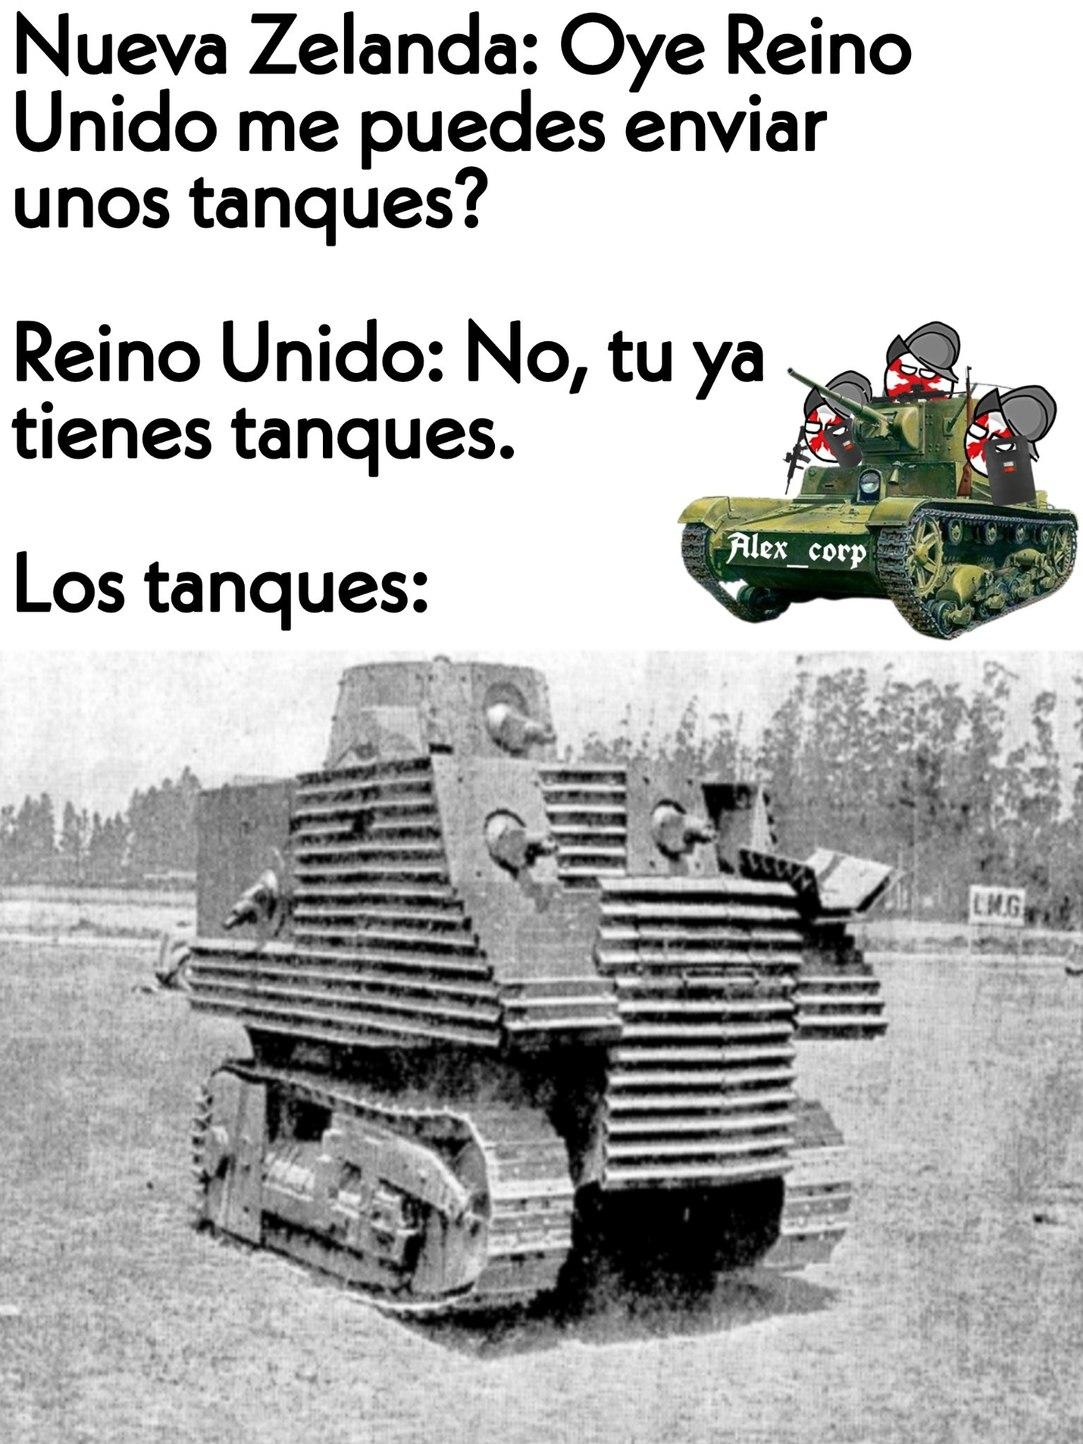 Por cierto, ese tanque es el Bob Semple, considerado uno de los peores tanques. - meme